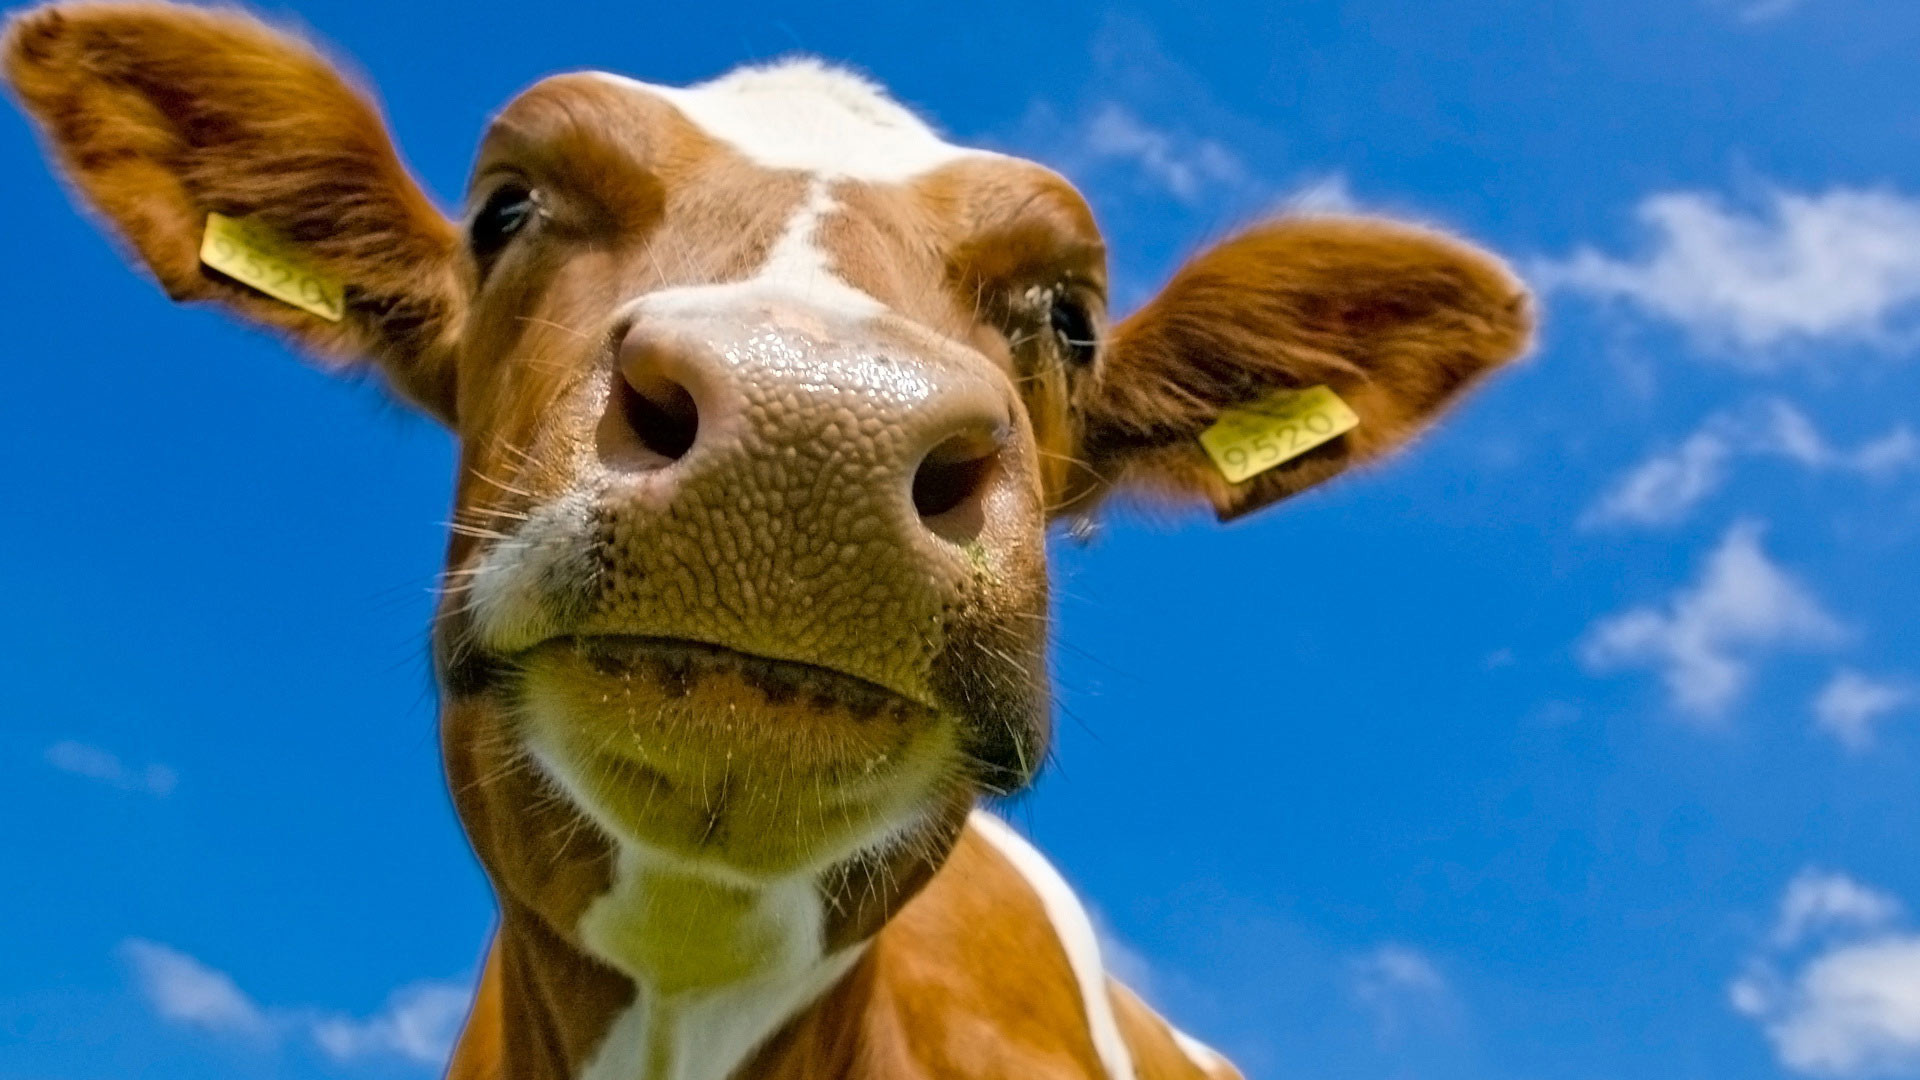 Wallpaper Desktop Background Cow (1)